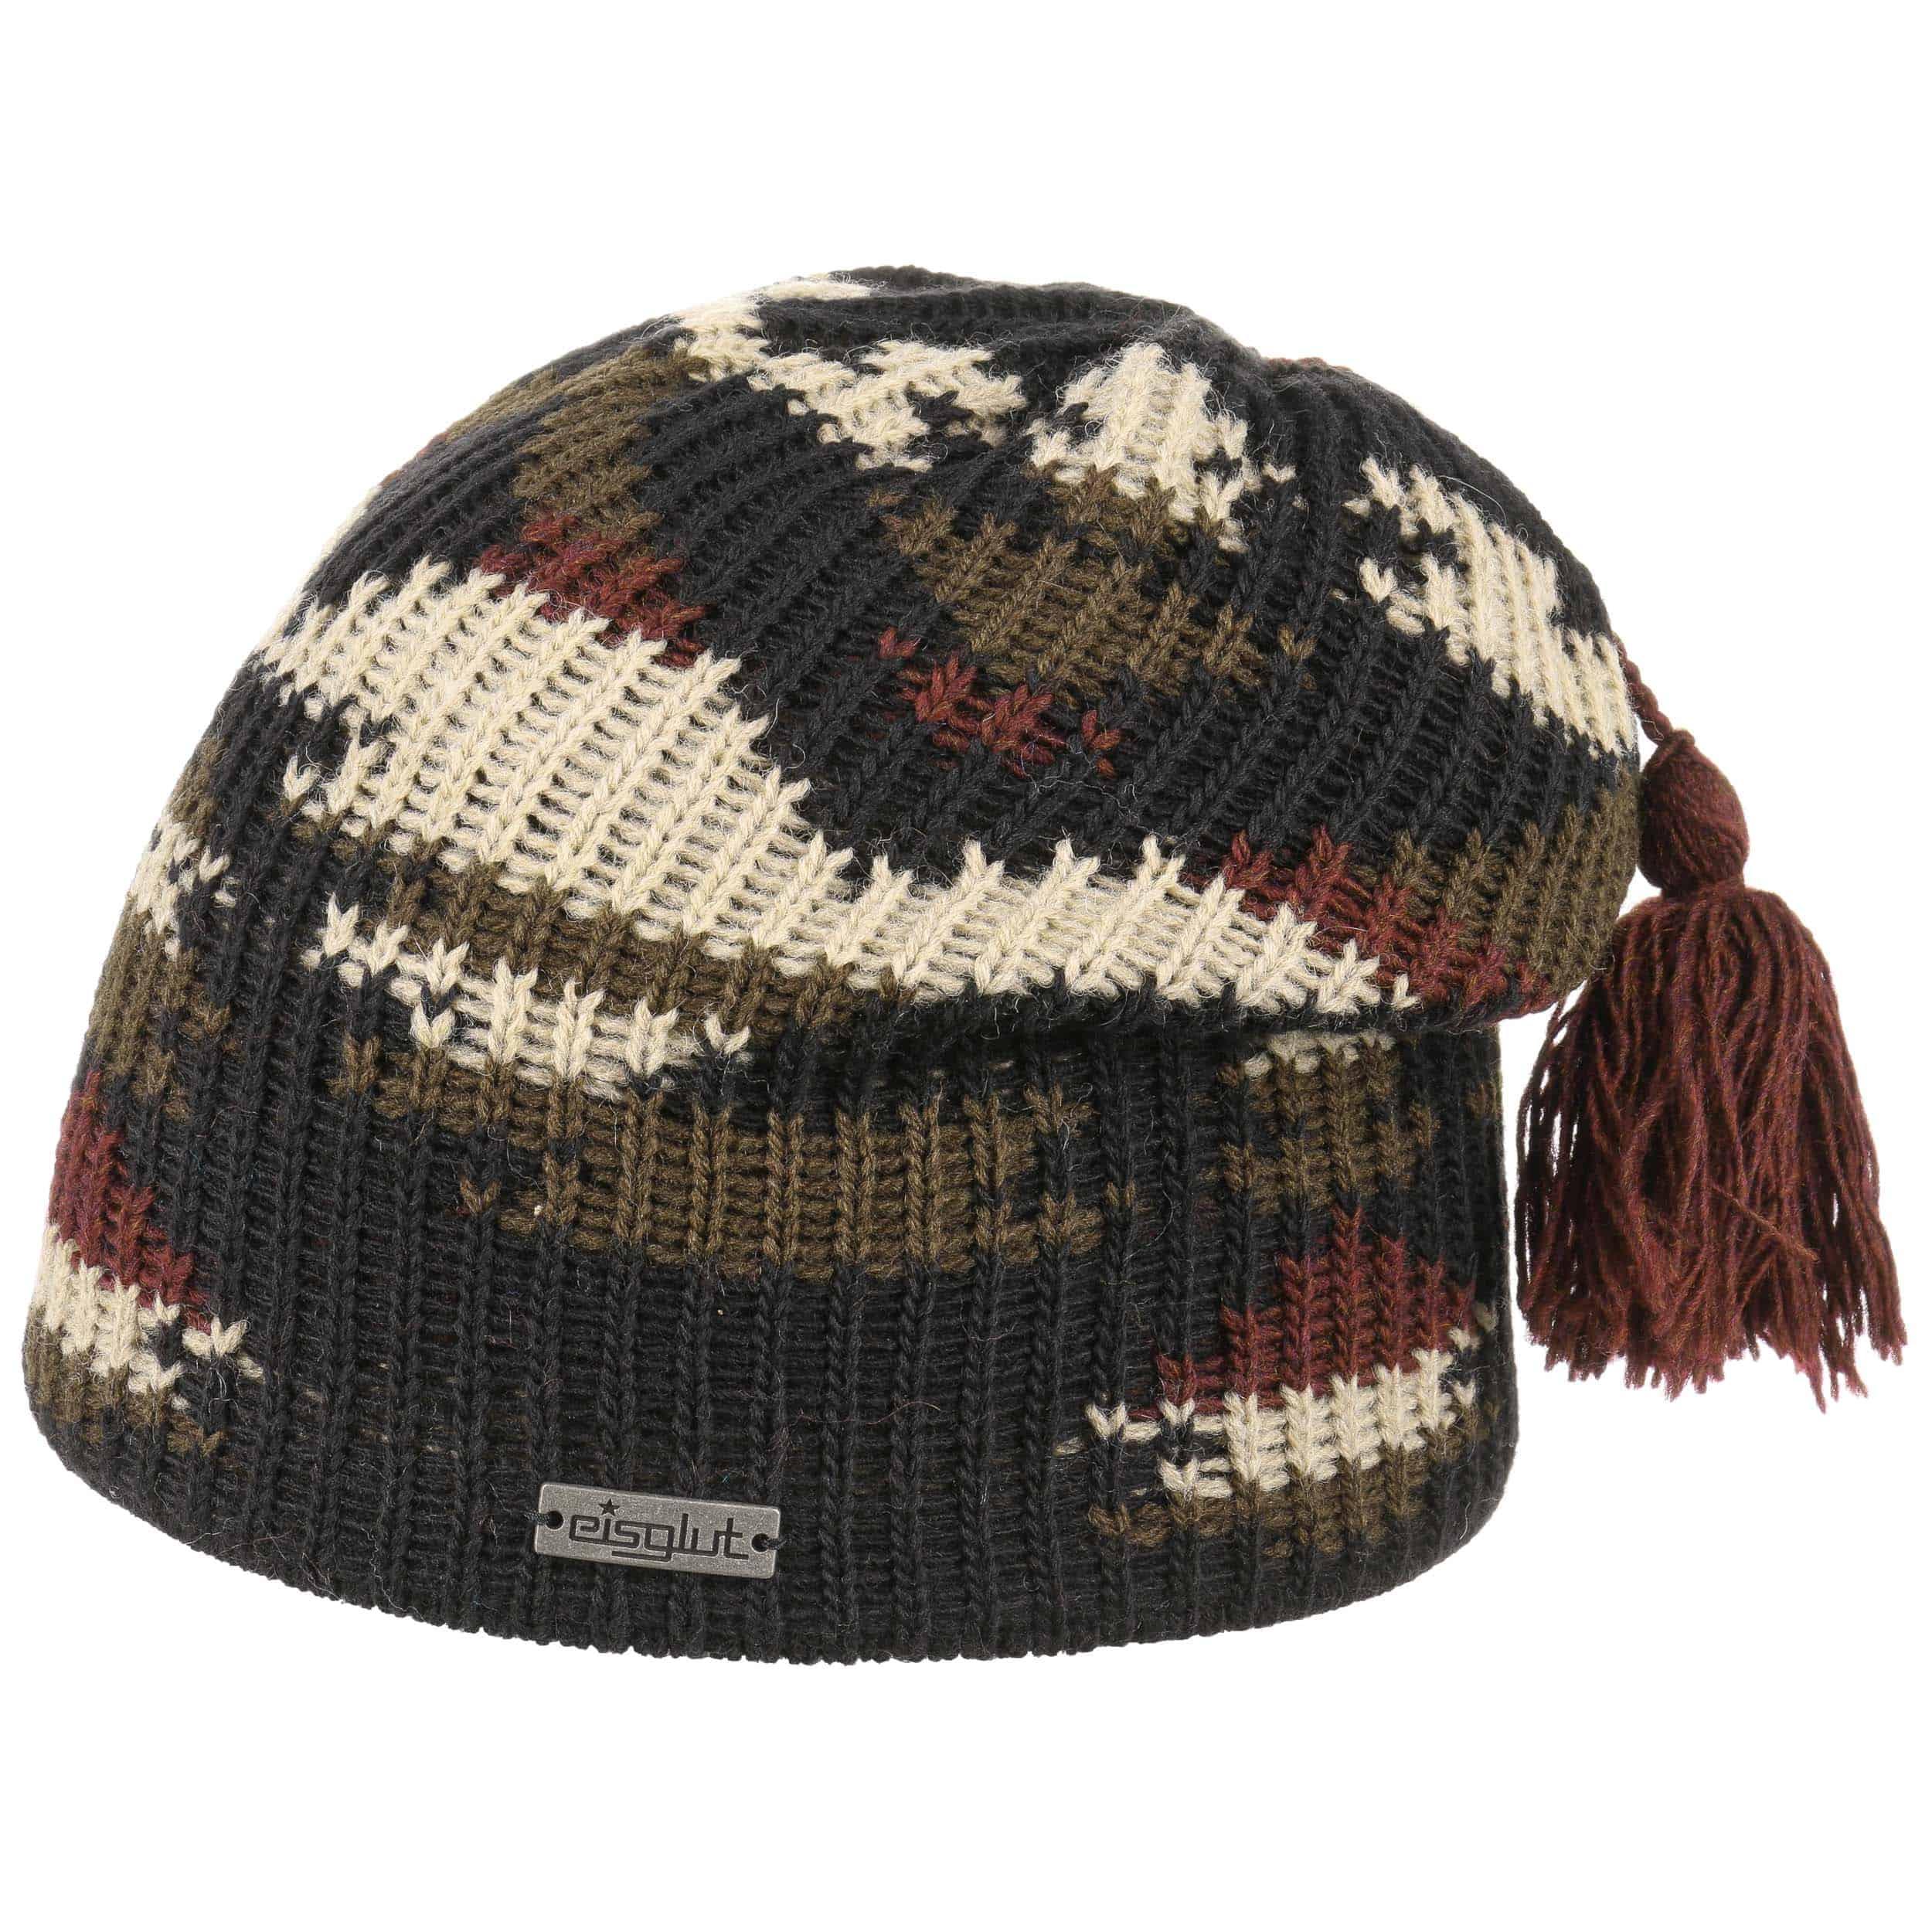 Gorro Peruano Lima - Gorros - sombreroshop.es 3f6d36a5b9d